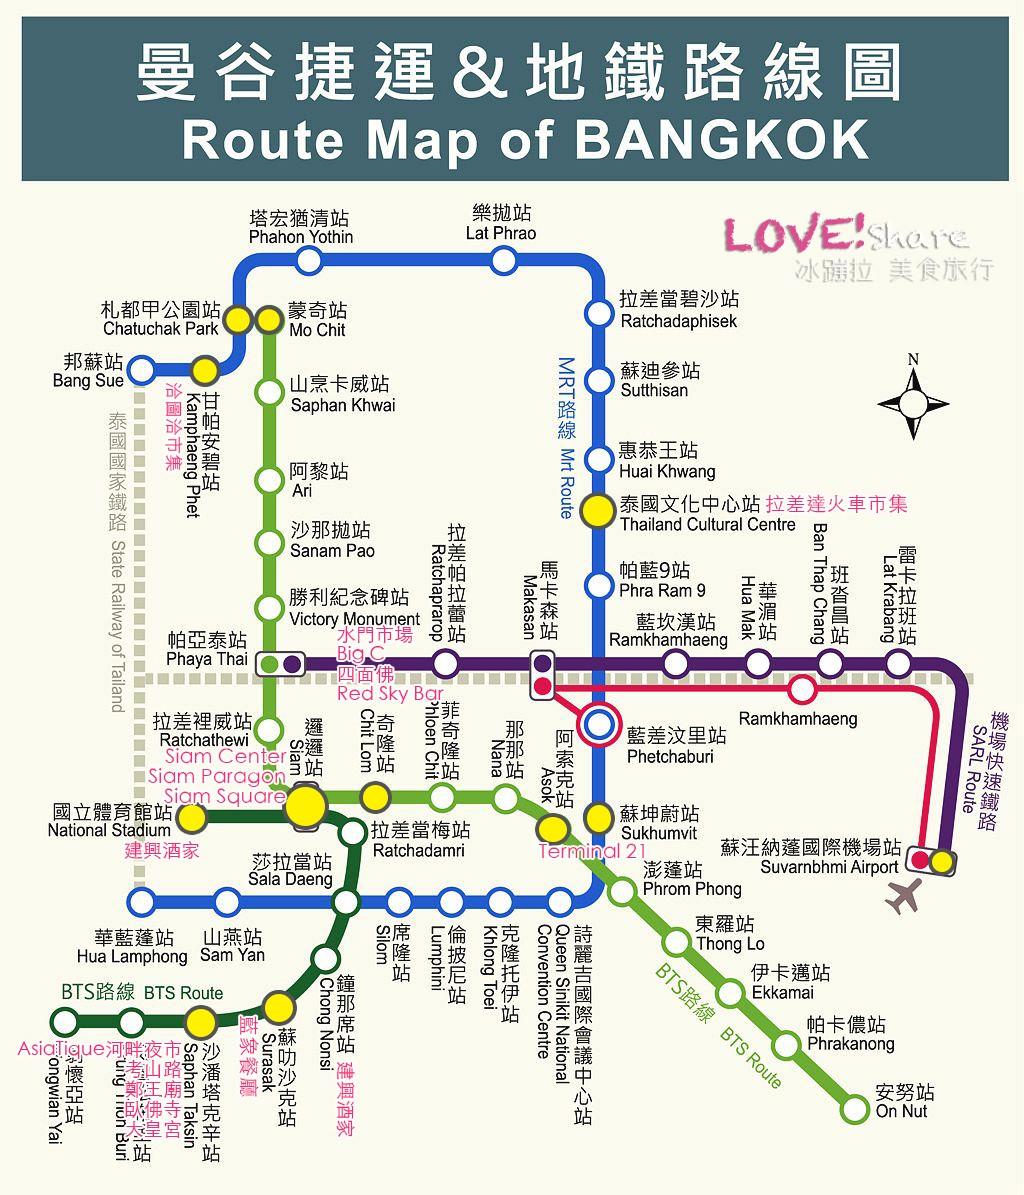 曼谷捷運地圖,曼谷bts地圖